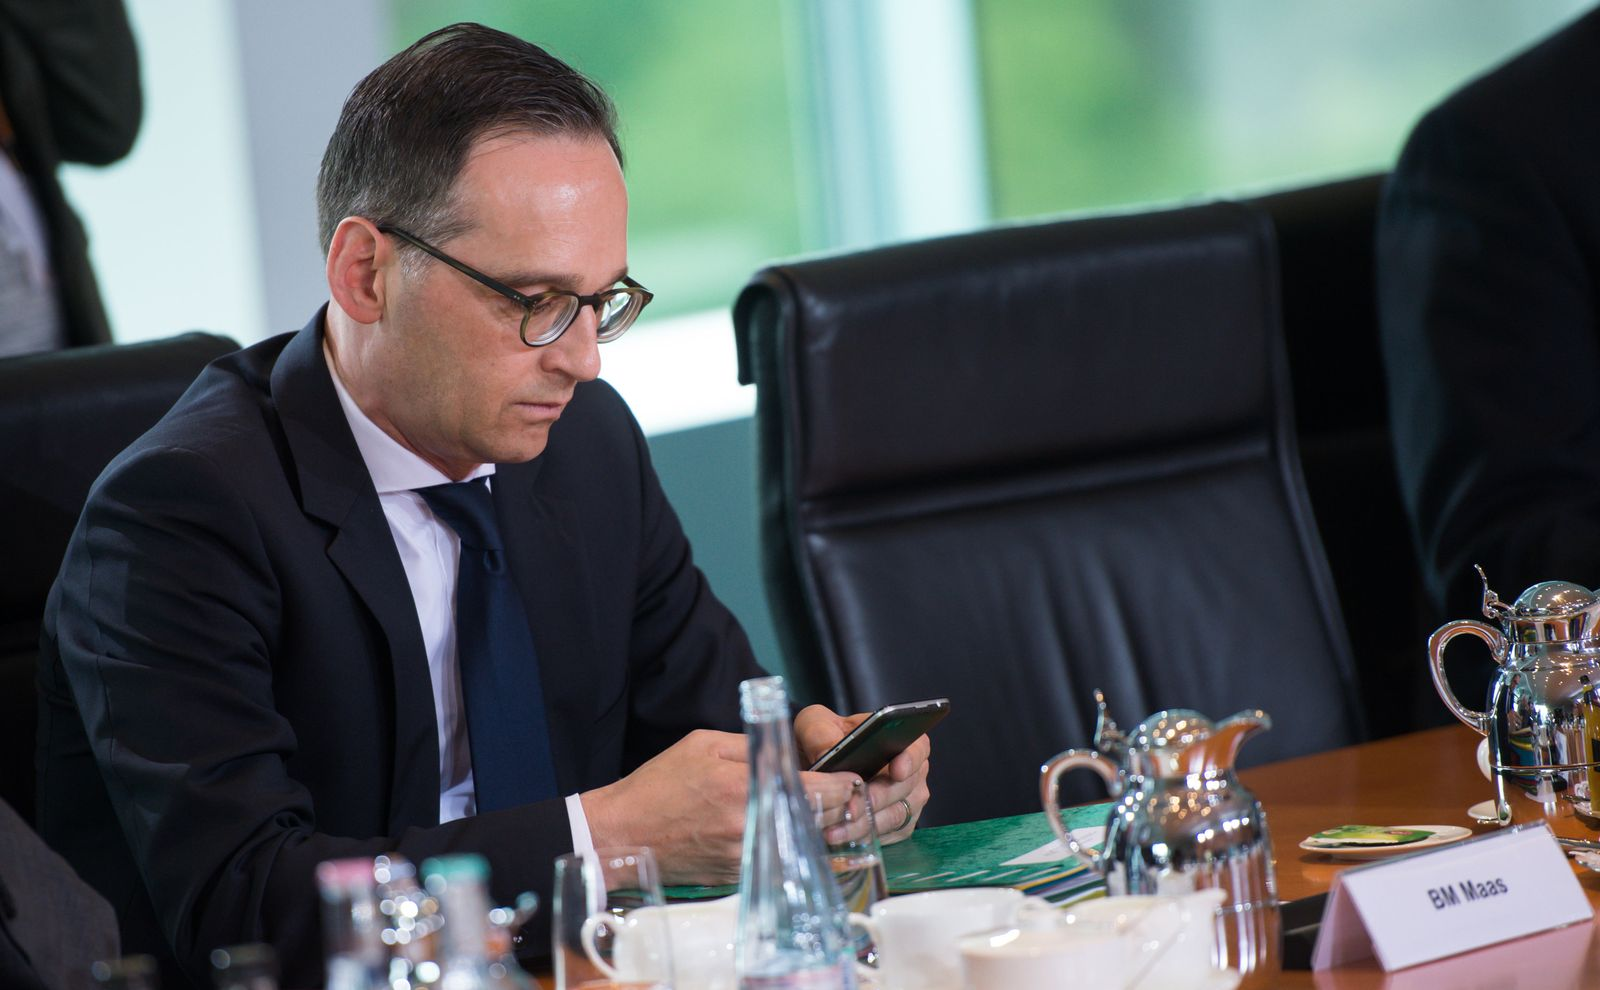 Kabinettssitzung heiko maas vorratsdatenspeicherung